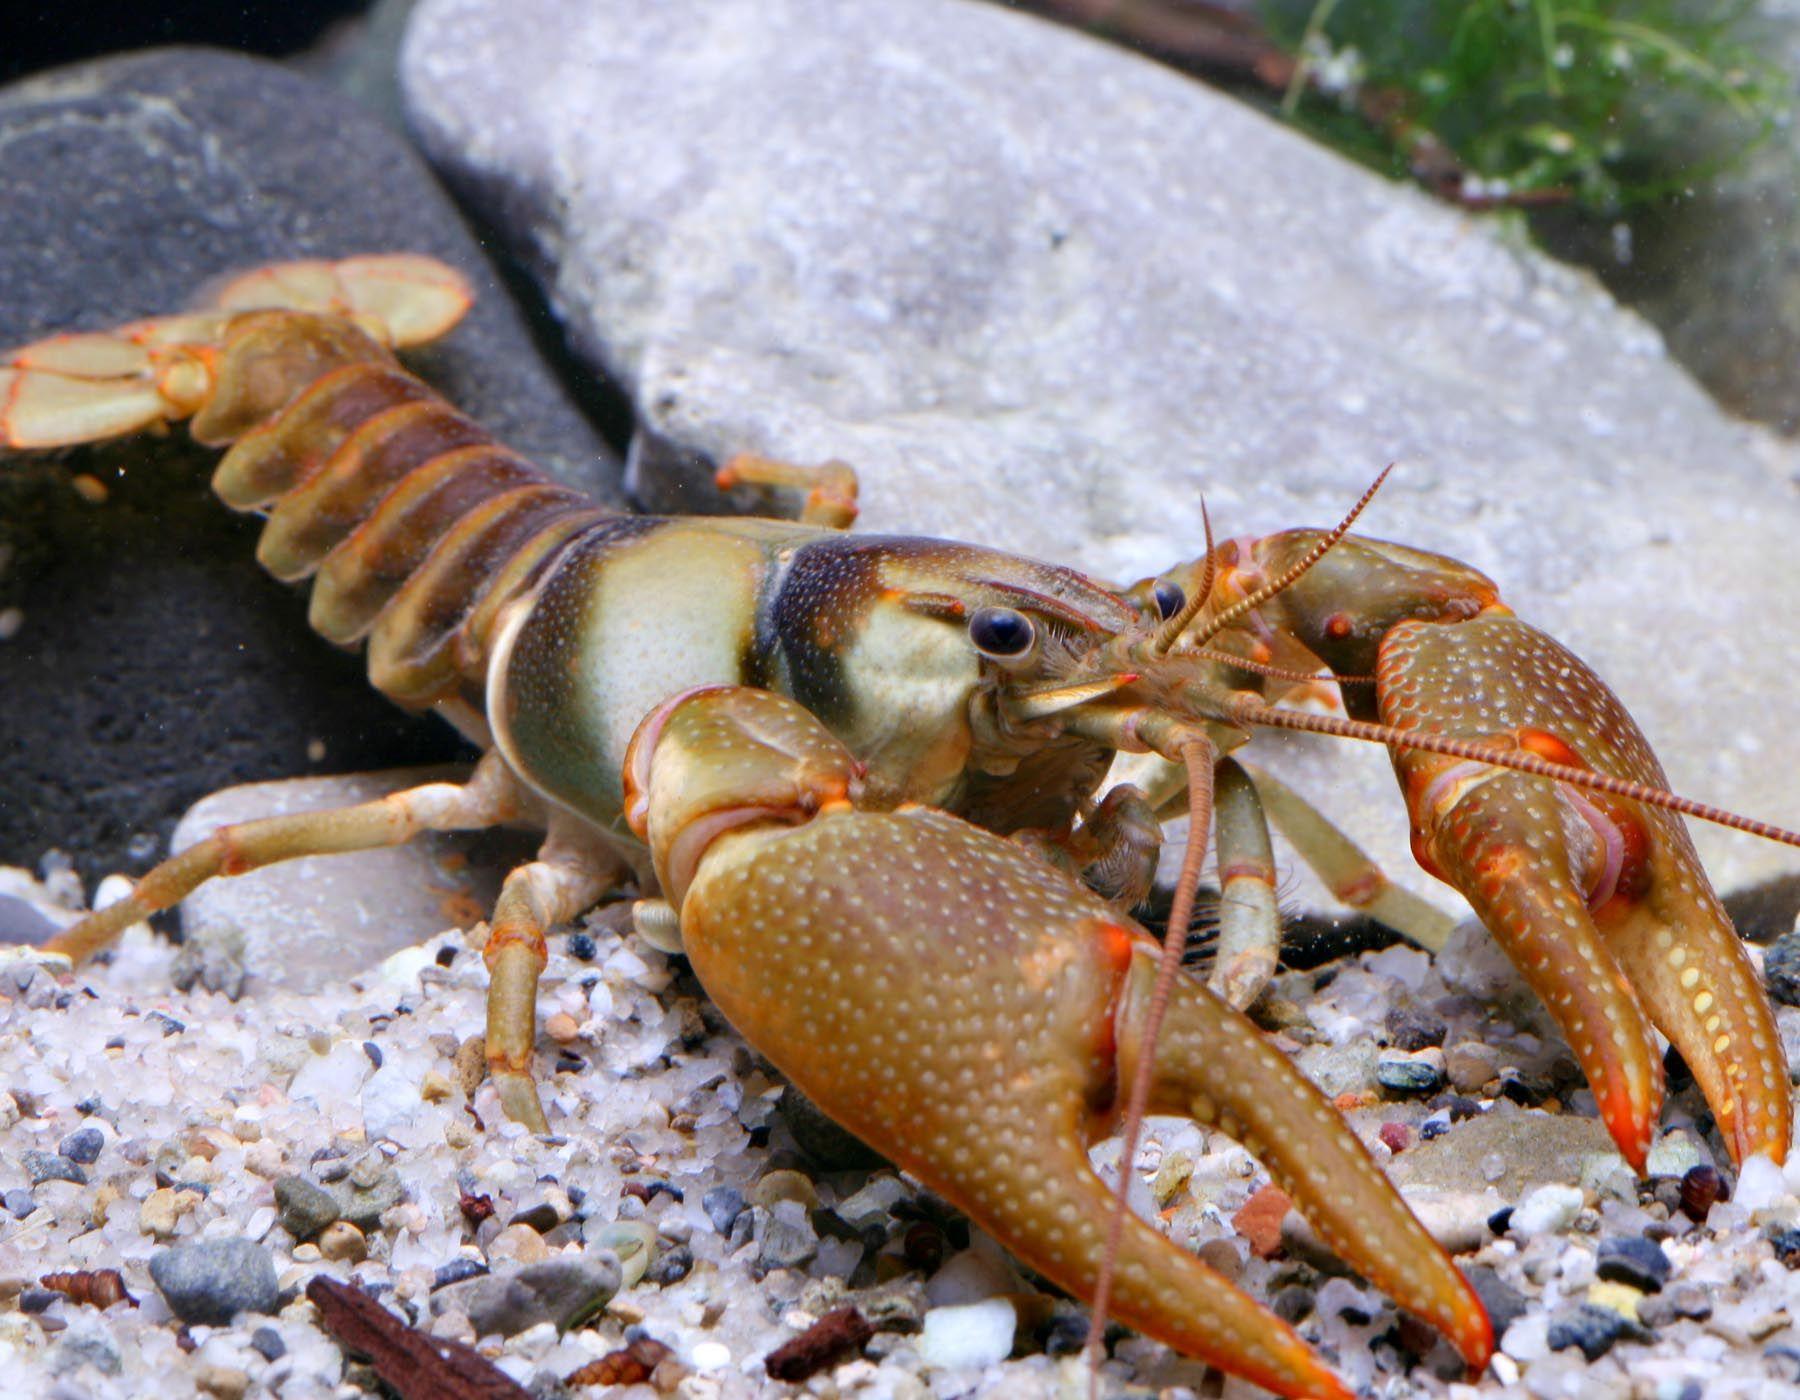 Crustacea Crustaceo Crustacean Malacostraca Eumalacostraca Eucarida Decapoda Pleocyemata Astacidea Crayfish Fish Farmers Fishing Room